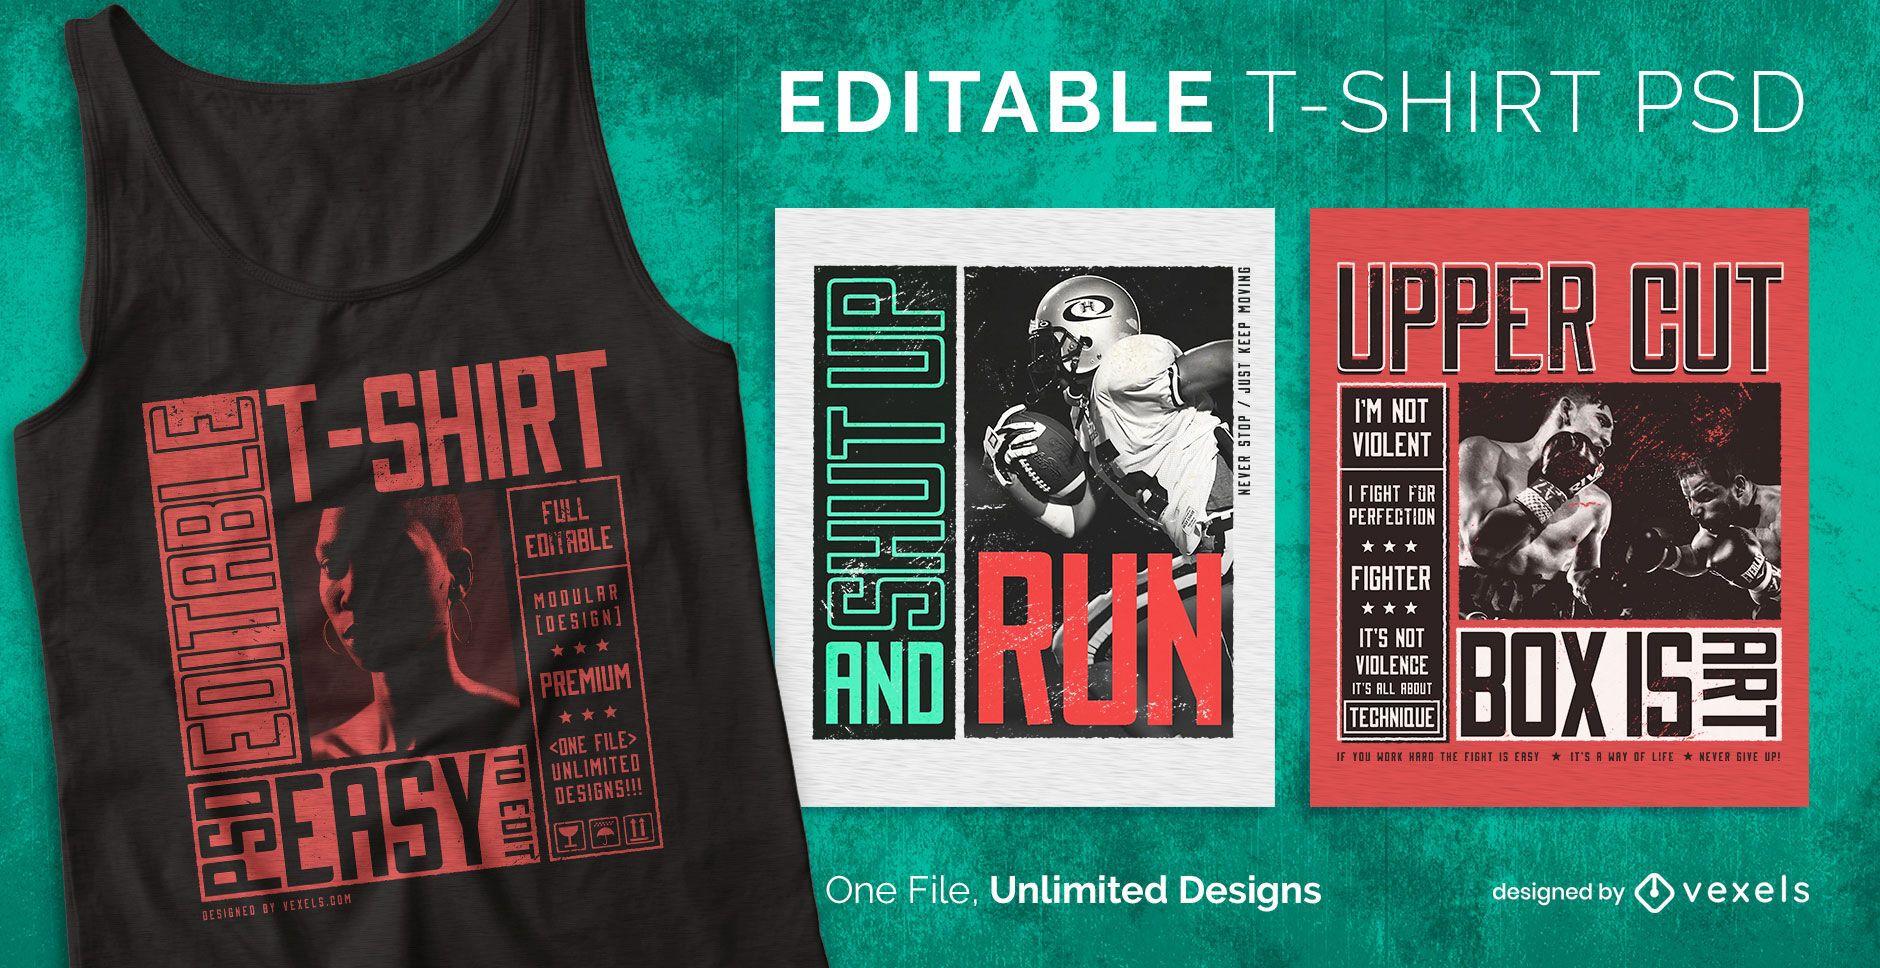 Diseño de camiseta editable estilo cartel cuadrado.